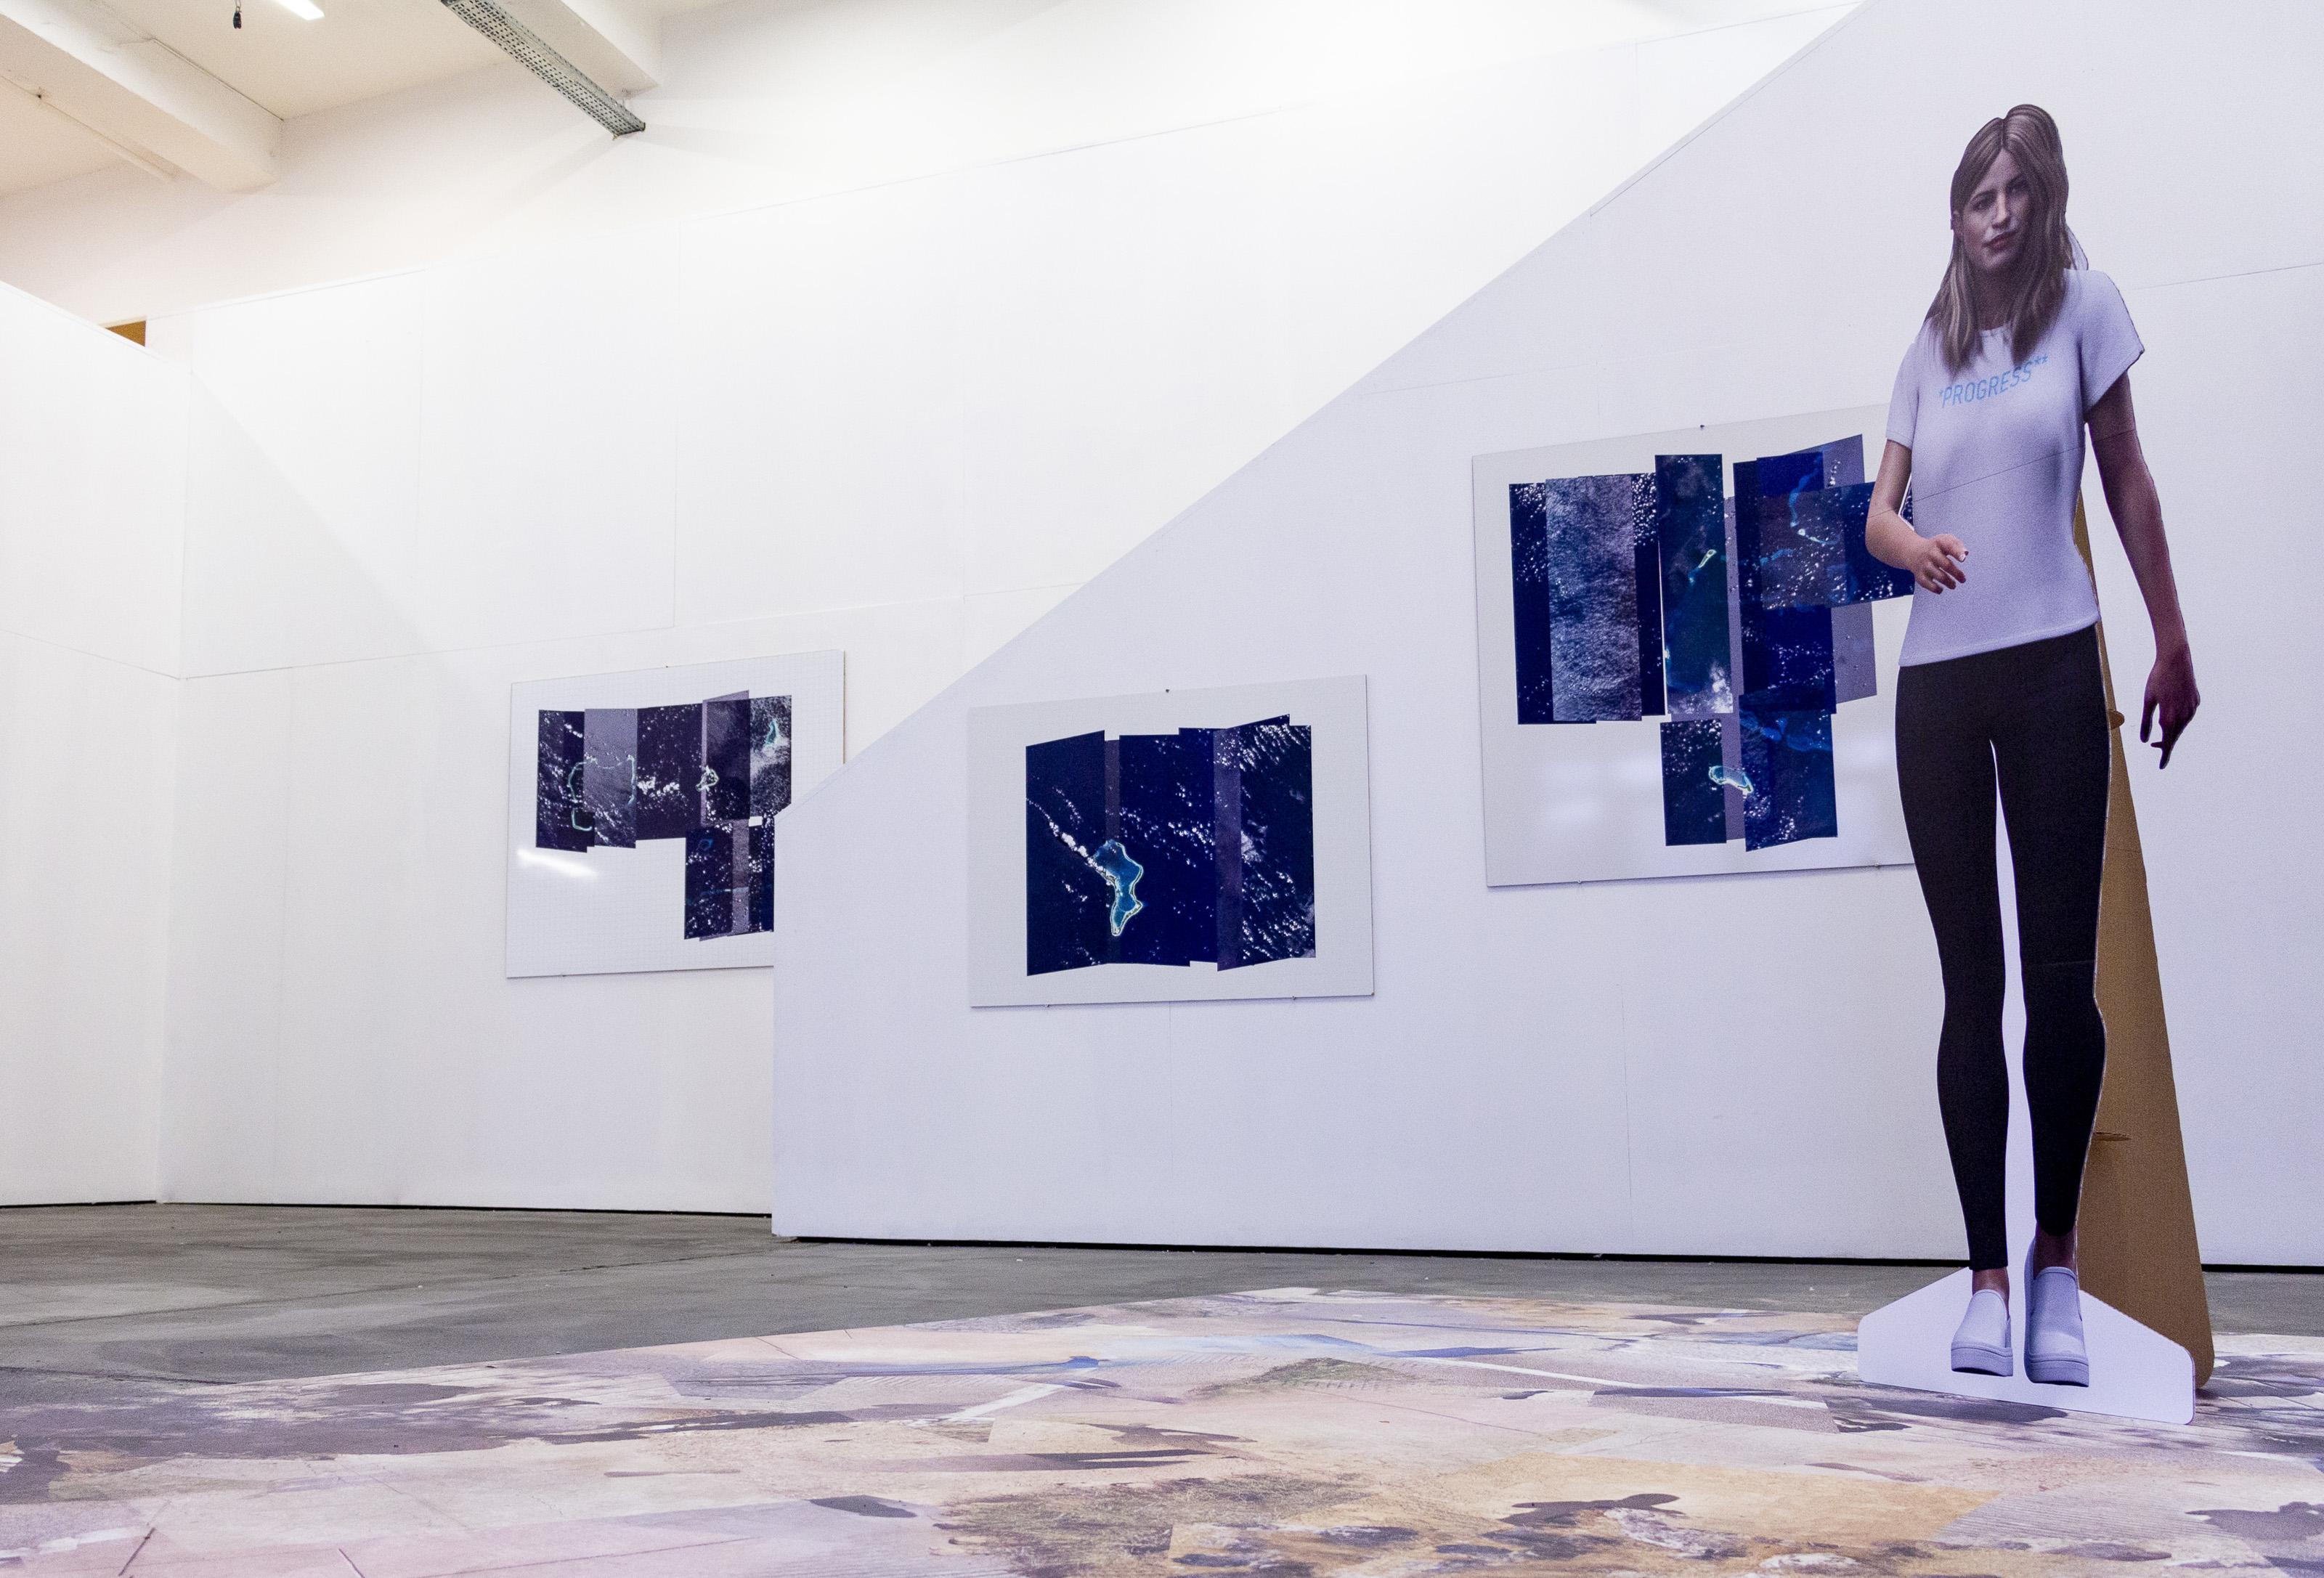 """Johanna Flato, """"Columbia Welcomes"""" installation view, Harlesden High Street, London, 2019 (photo courtesy of Johanna Flato)"""